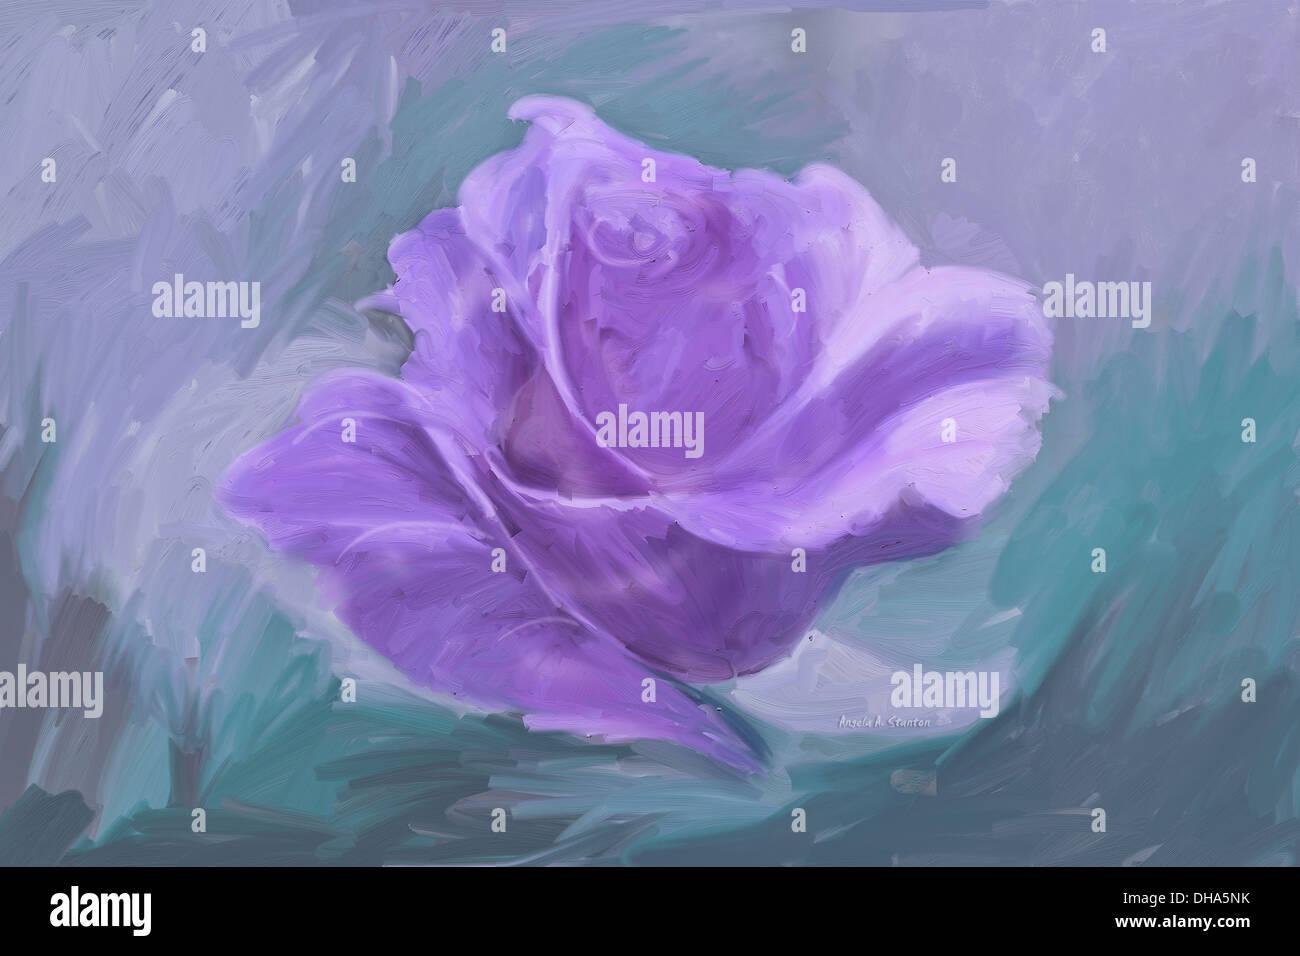 Computer generierte Bild einer lila Blume Stockbild